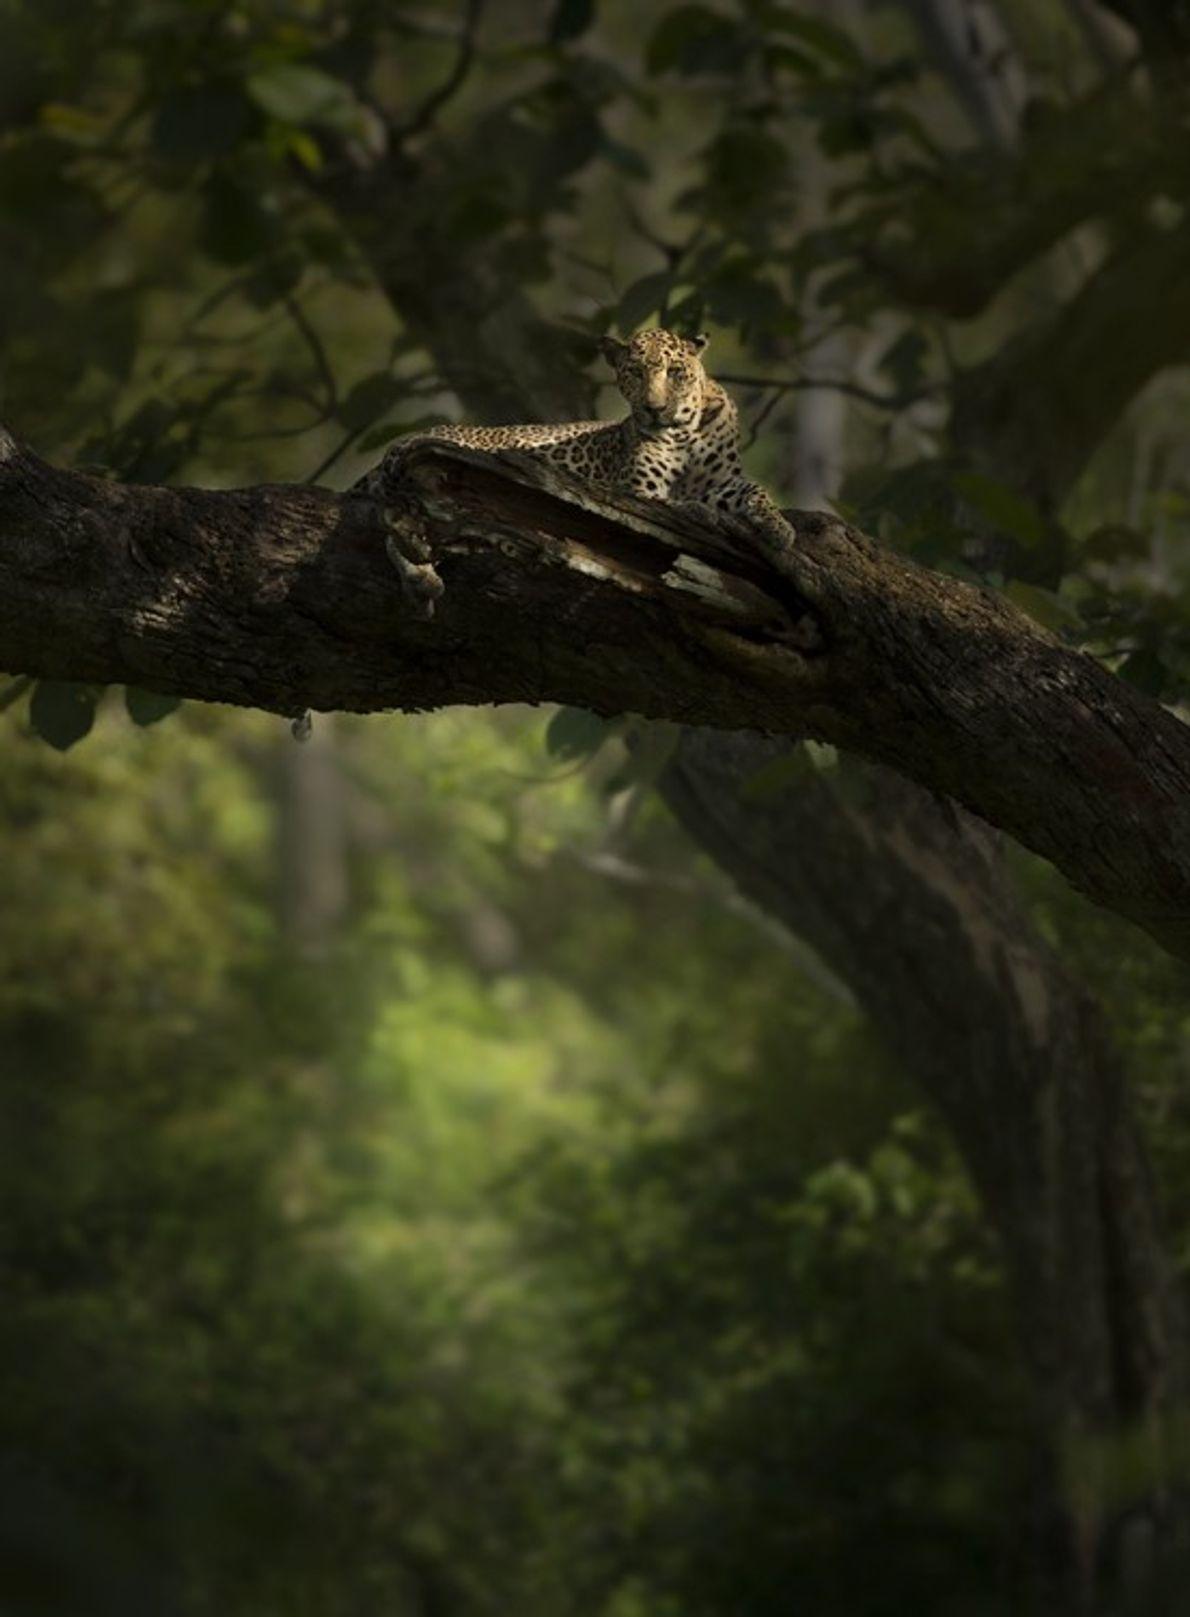 Un léopard mâle se détend perché sur une branche. Grimpeurs aguerris, les léopards traînent souvent leur ...